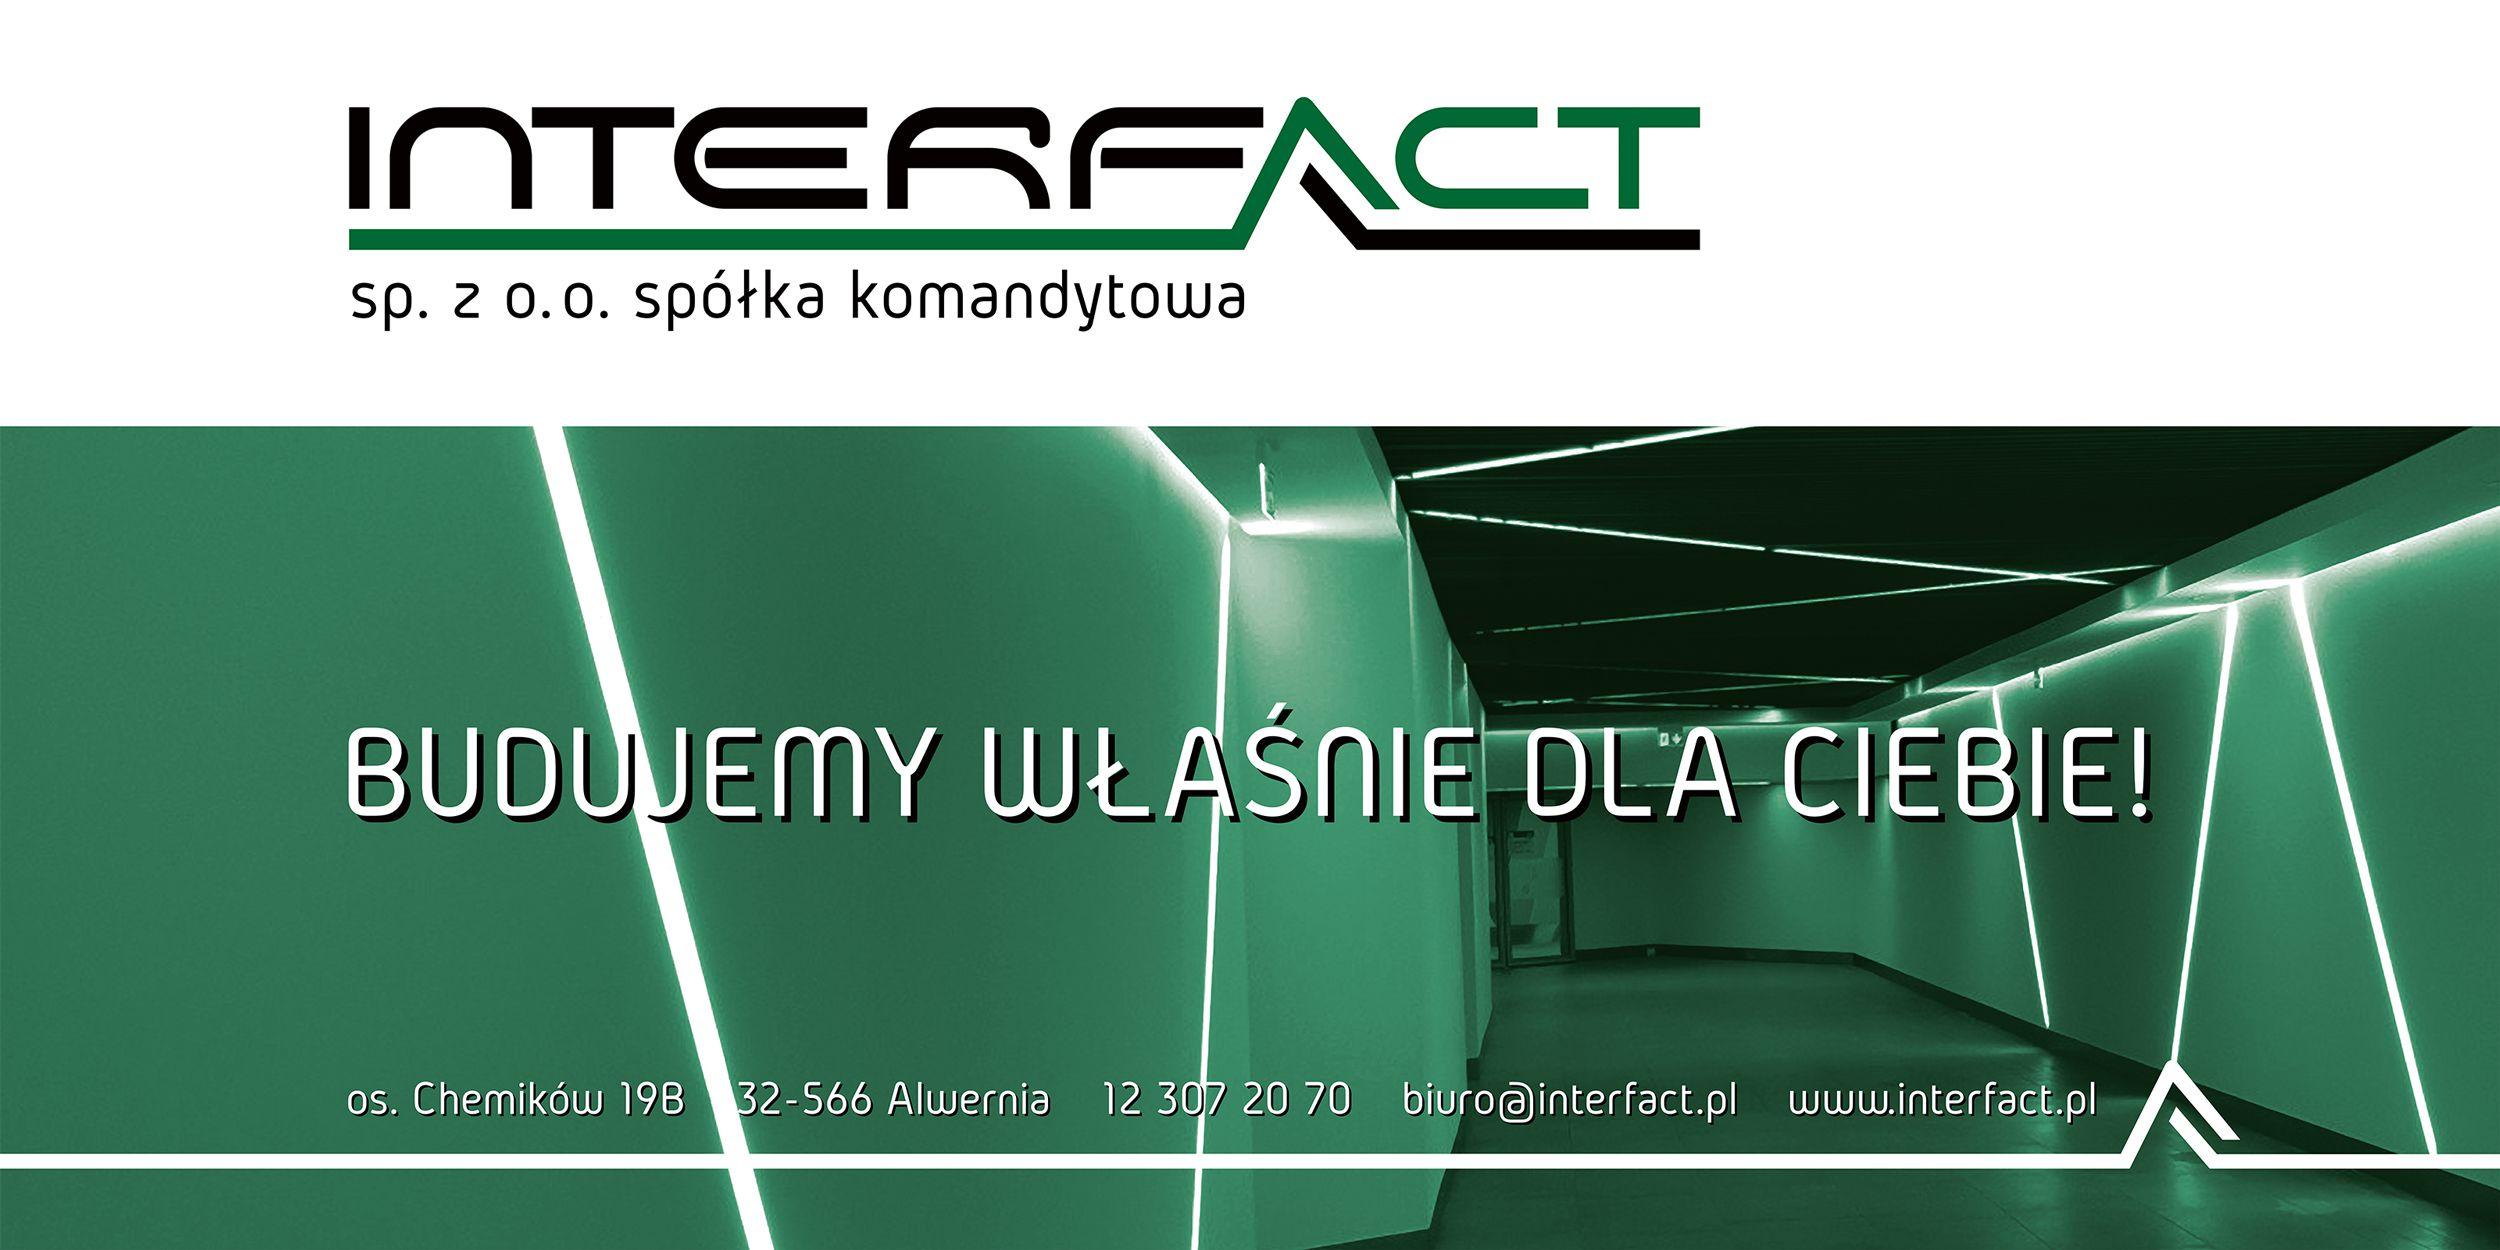 Projekt baneru reklamowego dla Interfact | branding | identyfikacja wizualna